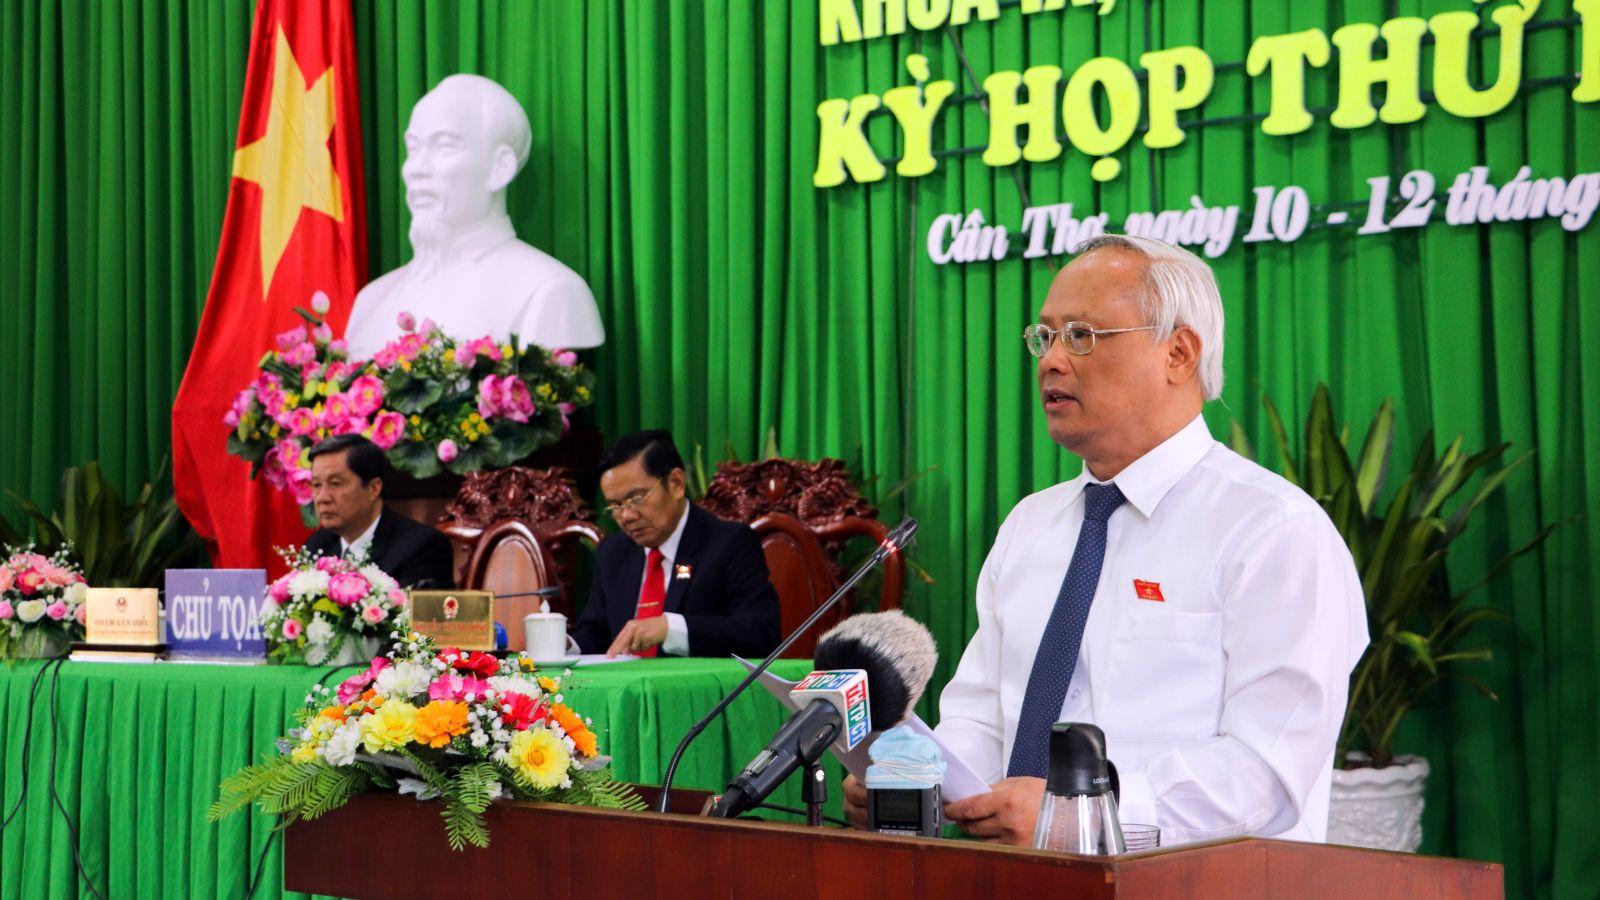 Phó Chủ tịch Quốc hội Uông Chu Lưu phát biểu tại kỳ họp.